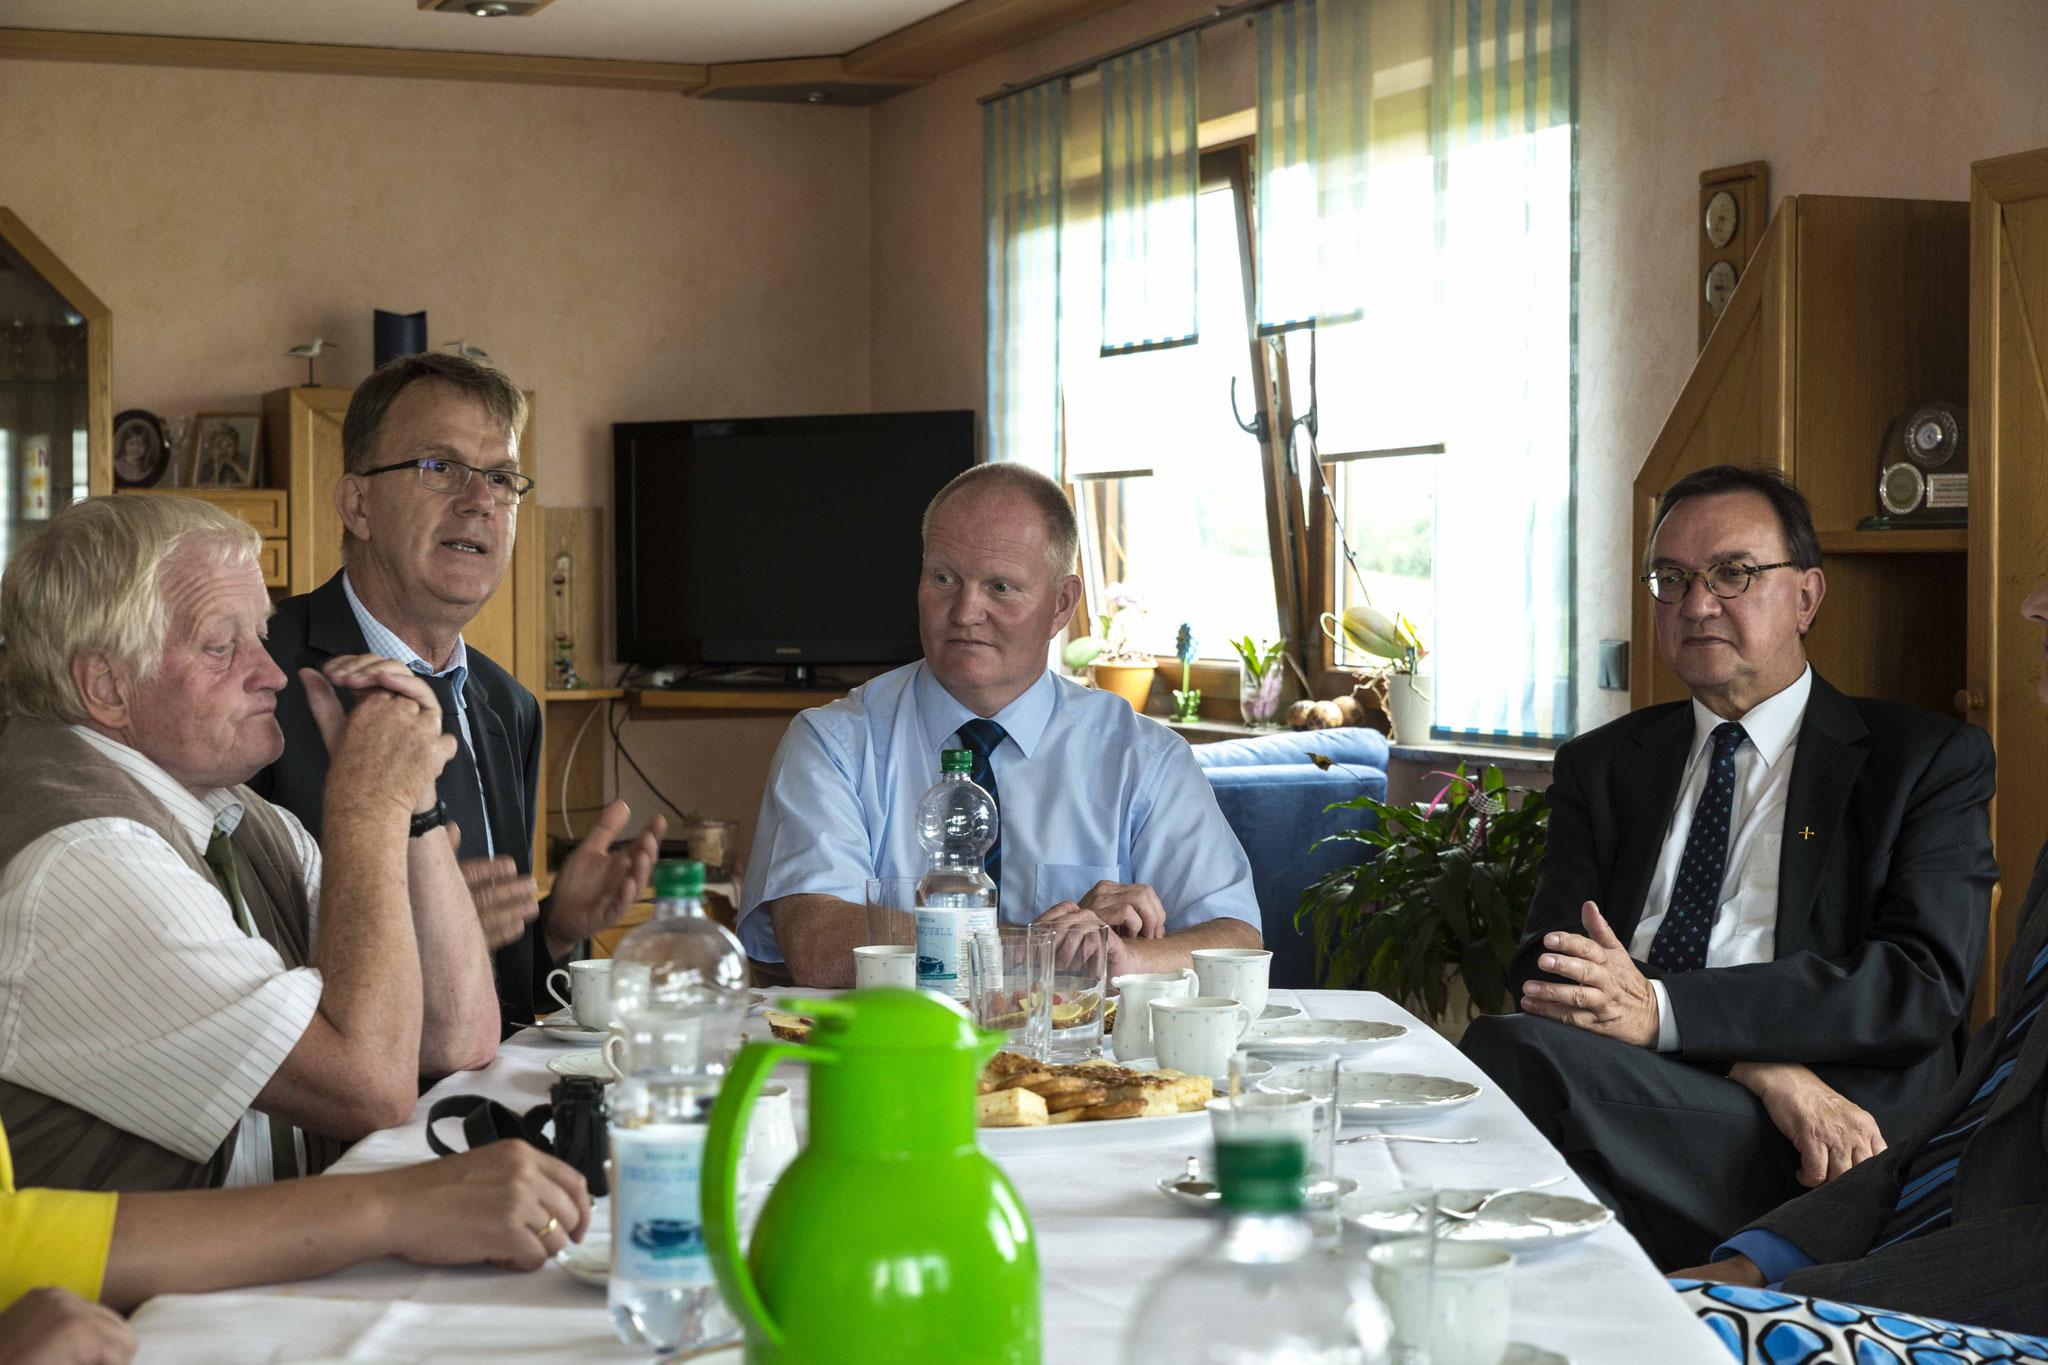 HBV-Vizepräsident Heinrich Heidel (V.l.n.r.), Geschäftsführer Peter Voss-Fels, Präsident Schmal, Bischof Hein